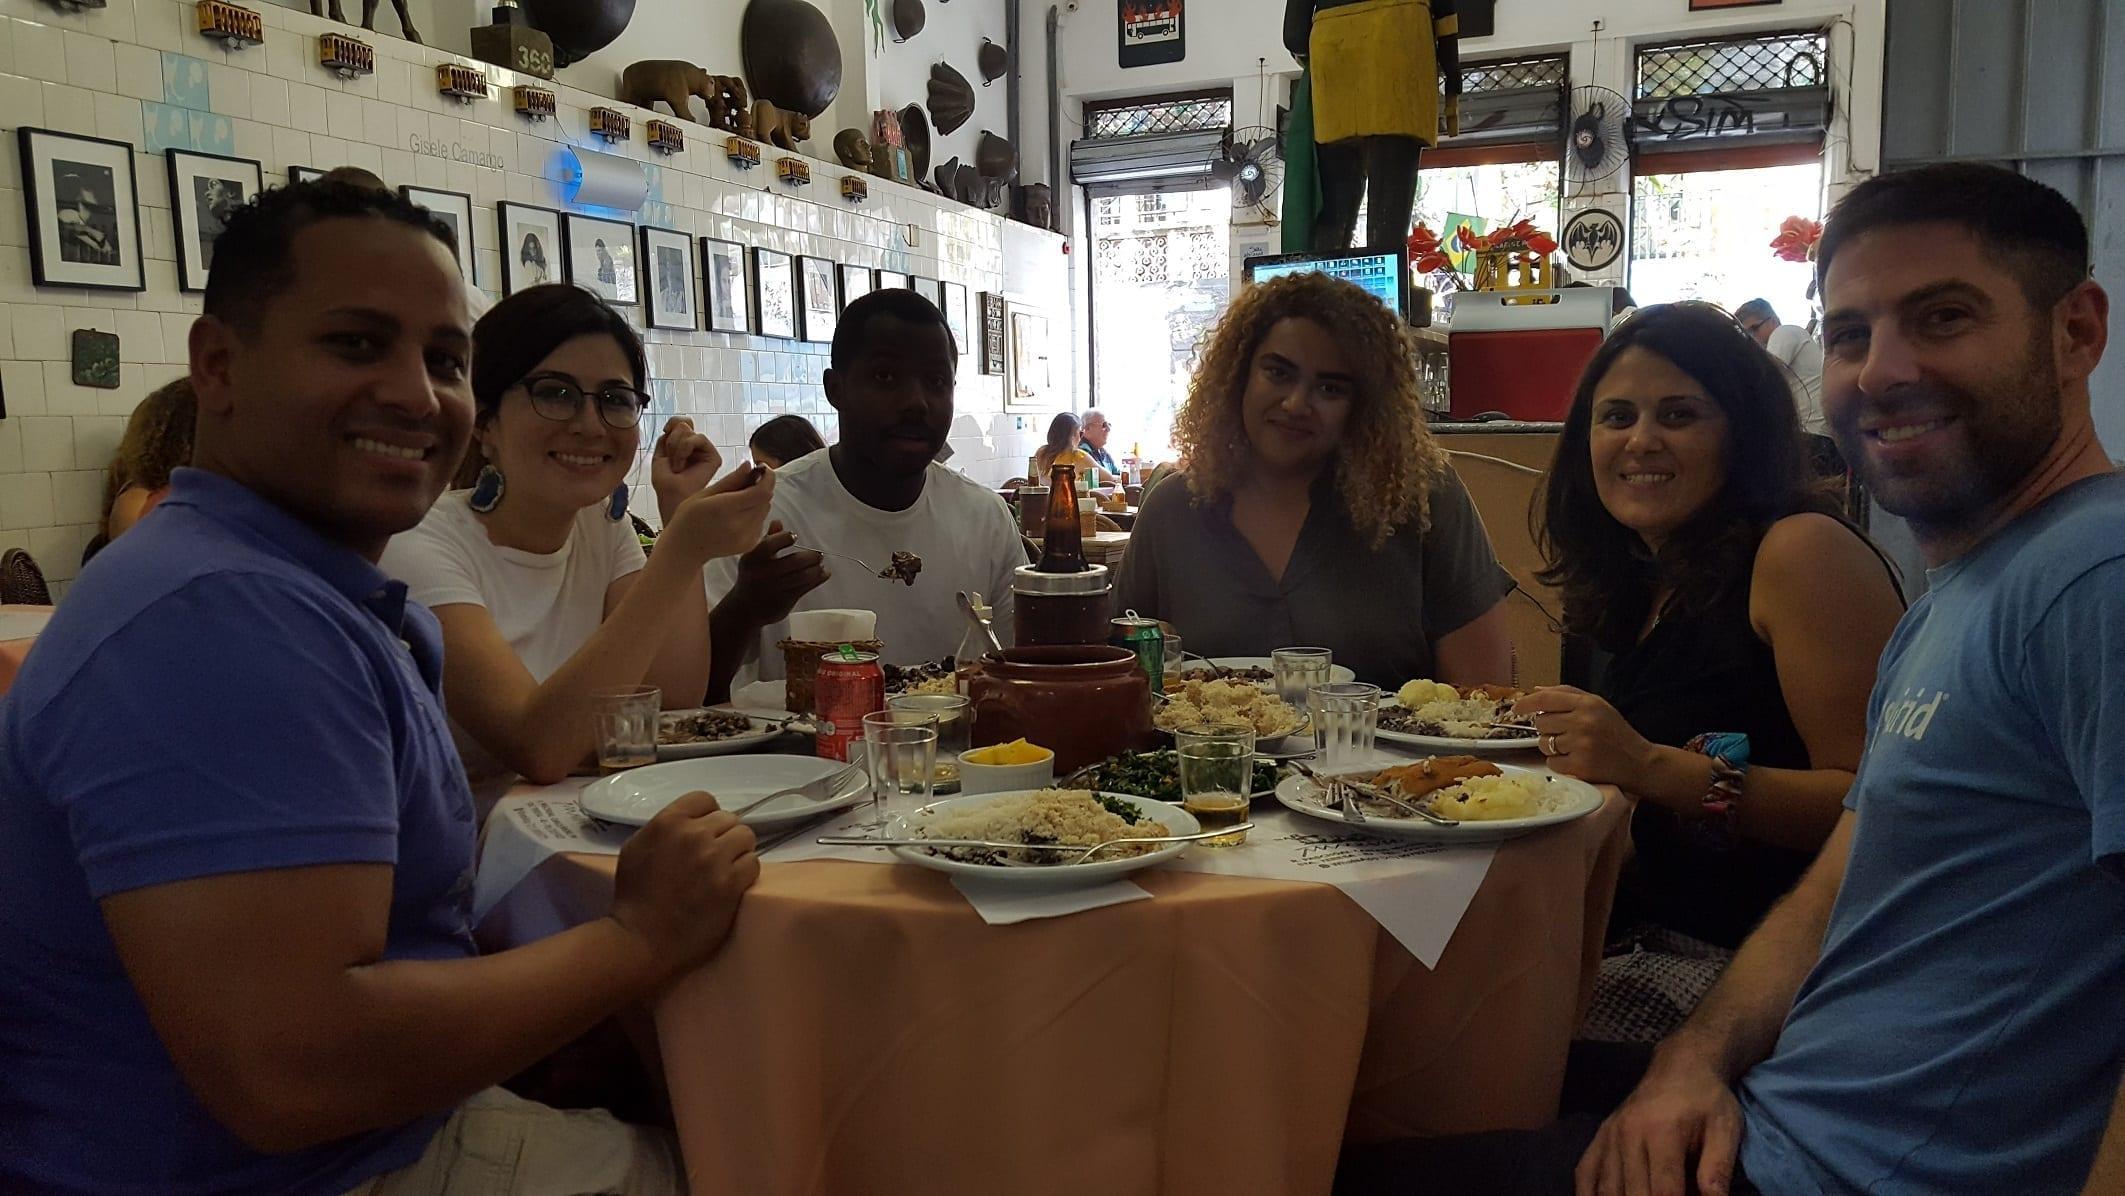 Almoçando no Bar do Mineiro em Santa Teresa. Que mesa linda!